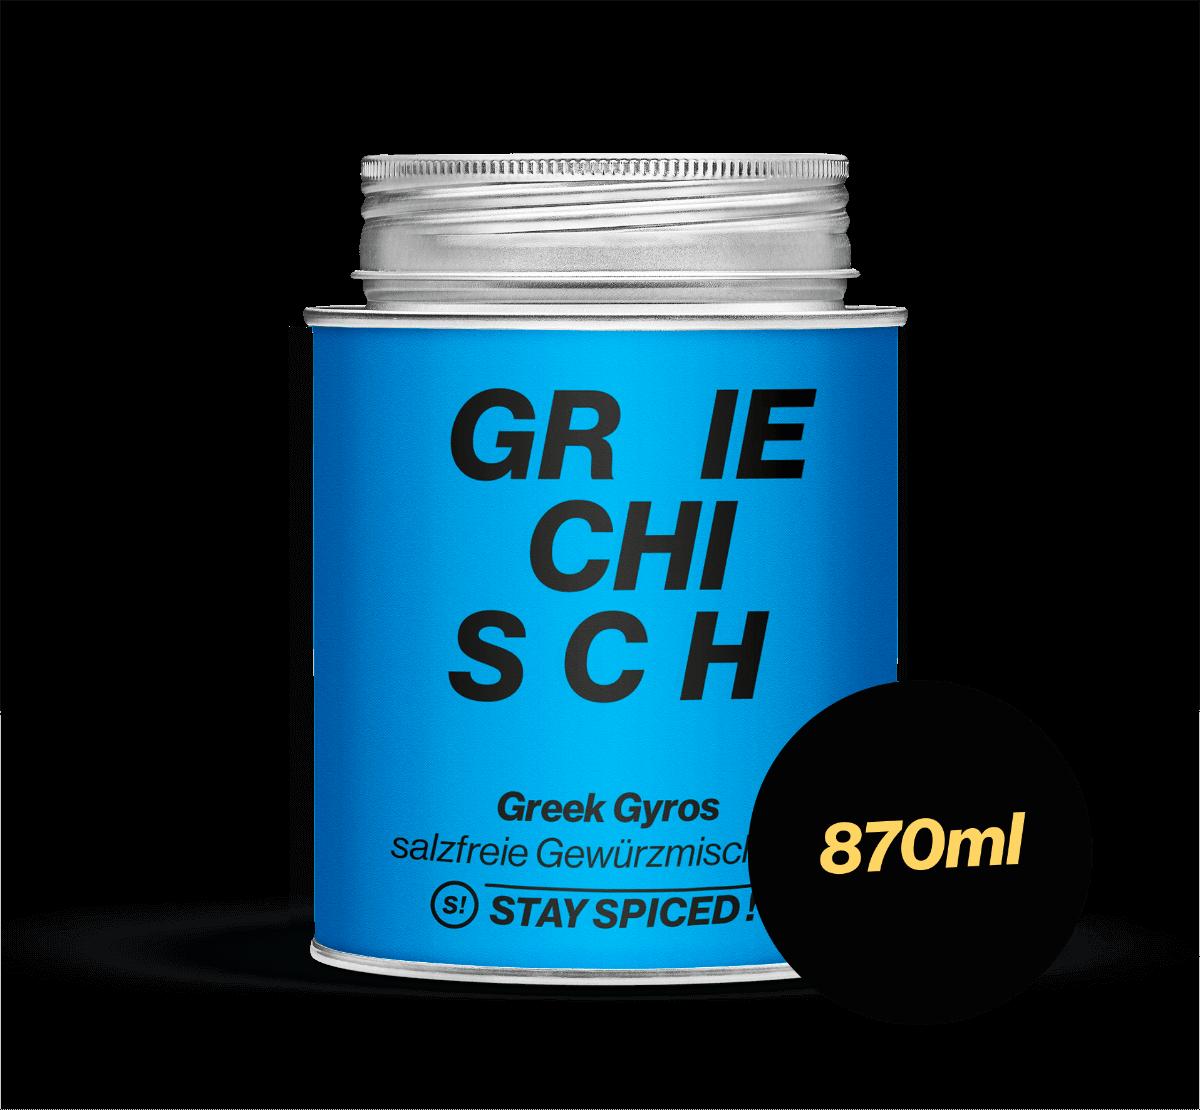 Greek Gyros - salzfrei, 870 ml Schraubdose 870ml Schraubdose